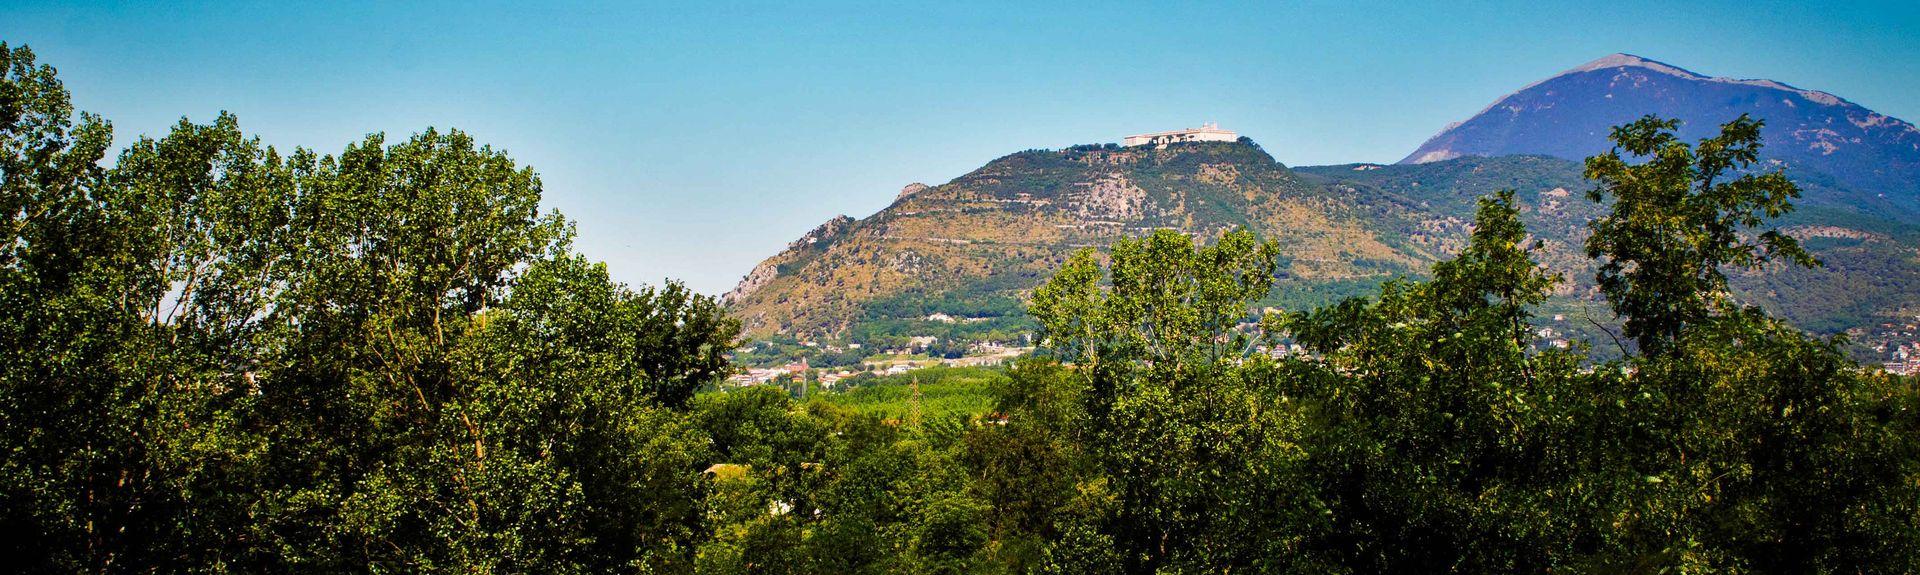 Sant'Andrea del Garigliano, Frosinone, Lazio, Italy